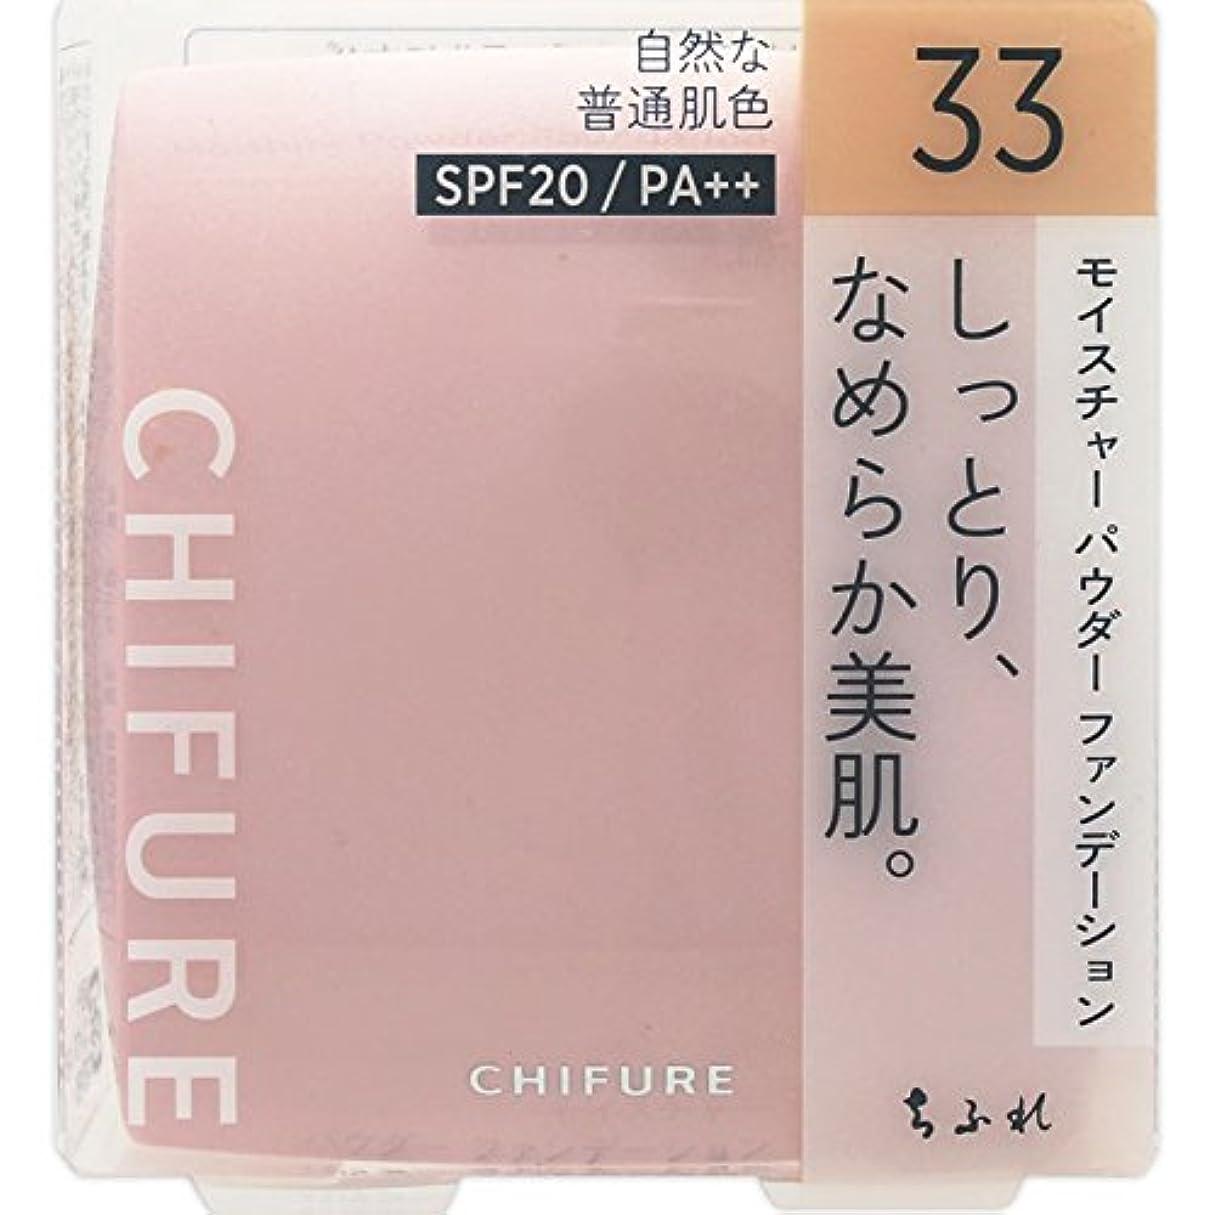 矢印困難告白ちふれ化粧品 モイスチャー パウダーファンデーション(スポンジ入り) 33 オークル系 MパウダーFD33